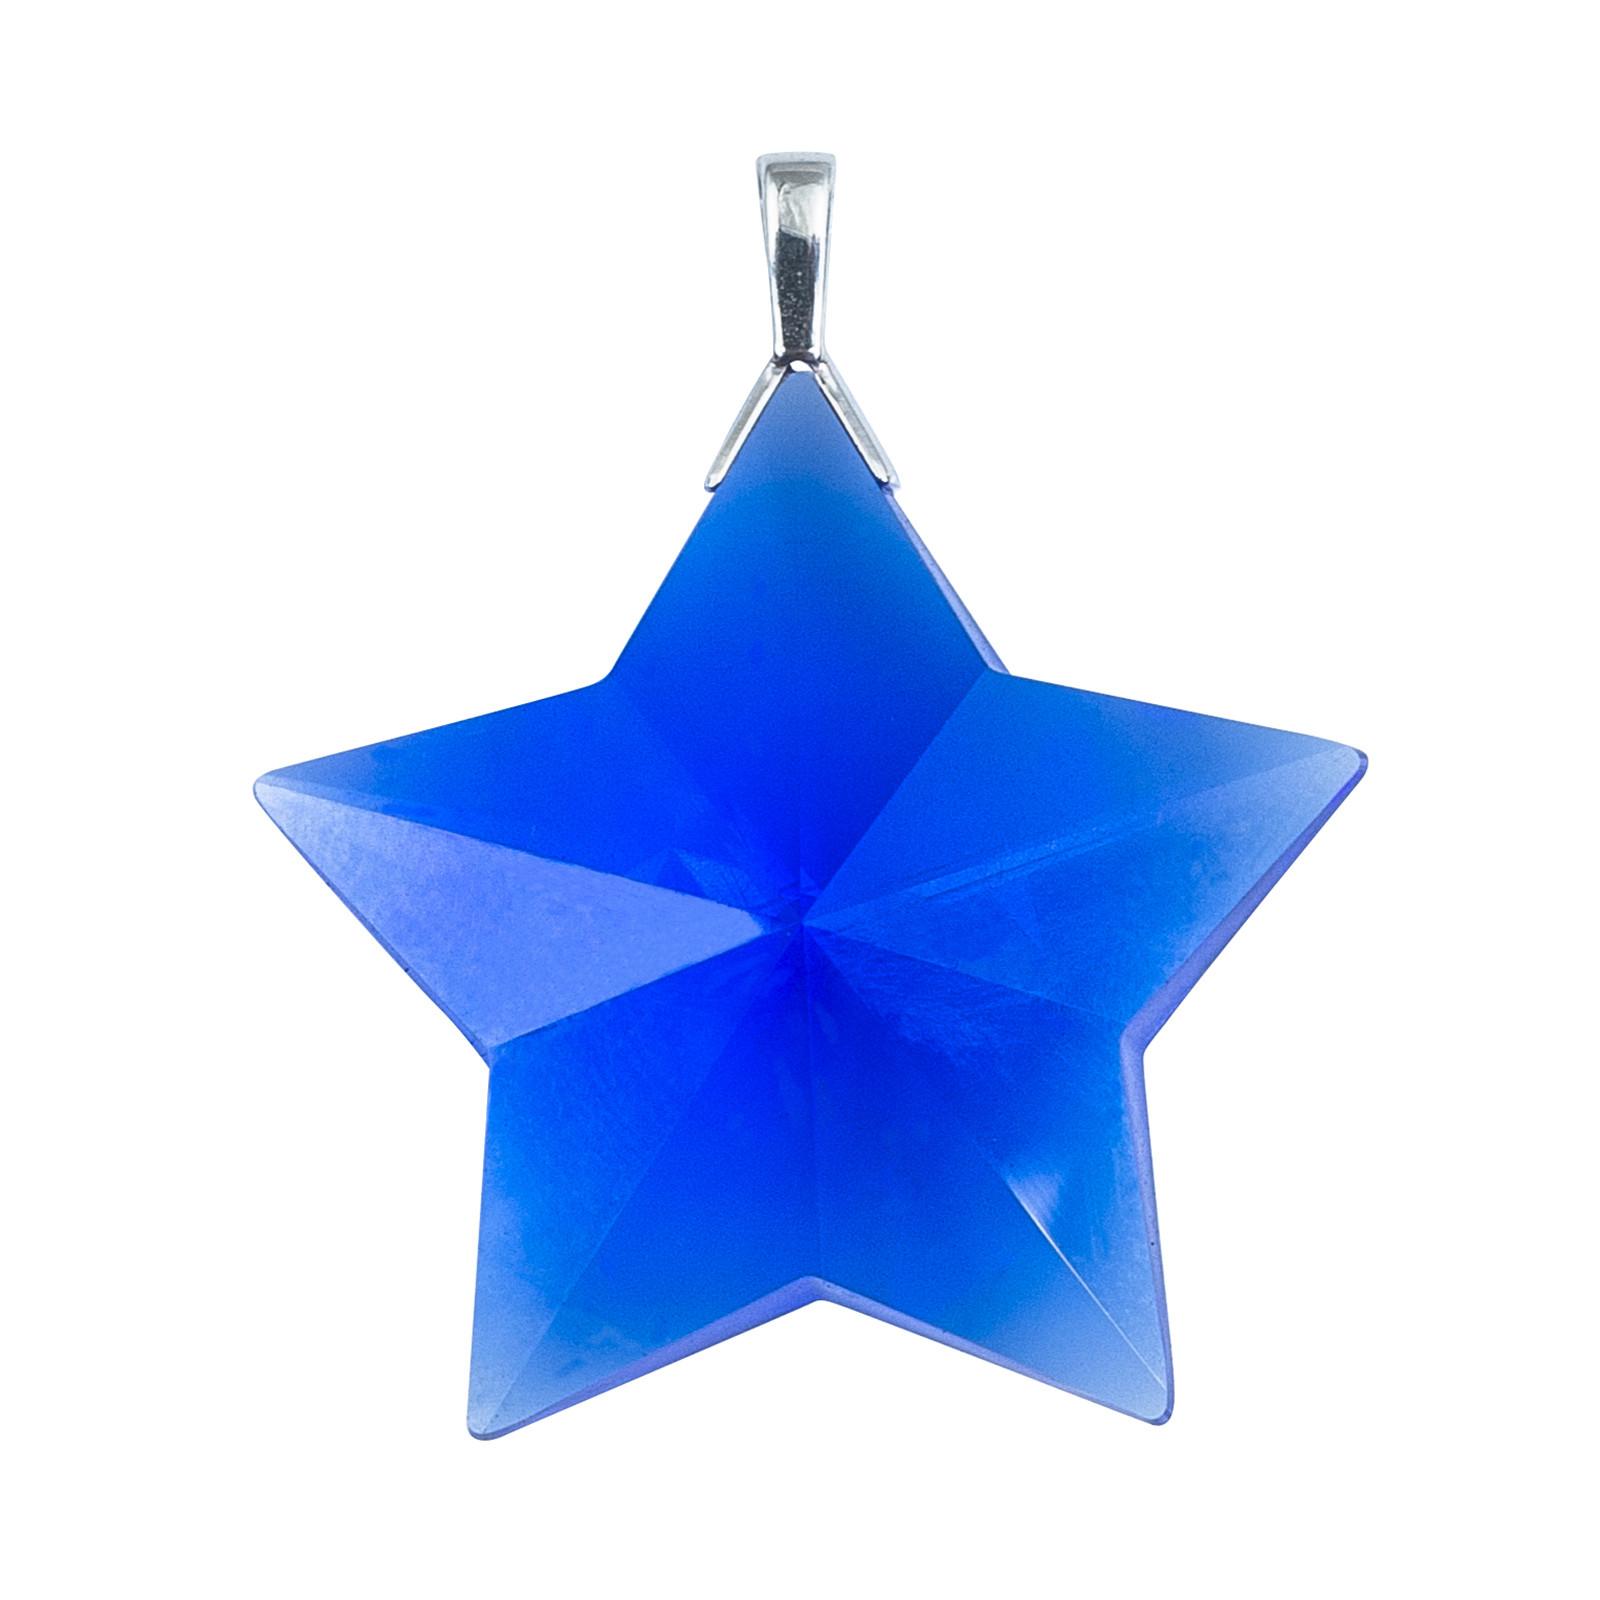 Vintage Tiffany & Co. Blue Crystal Star Charm